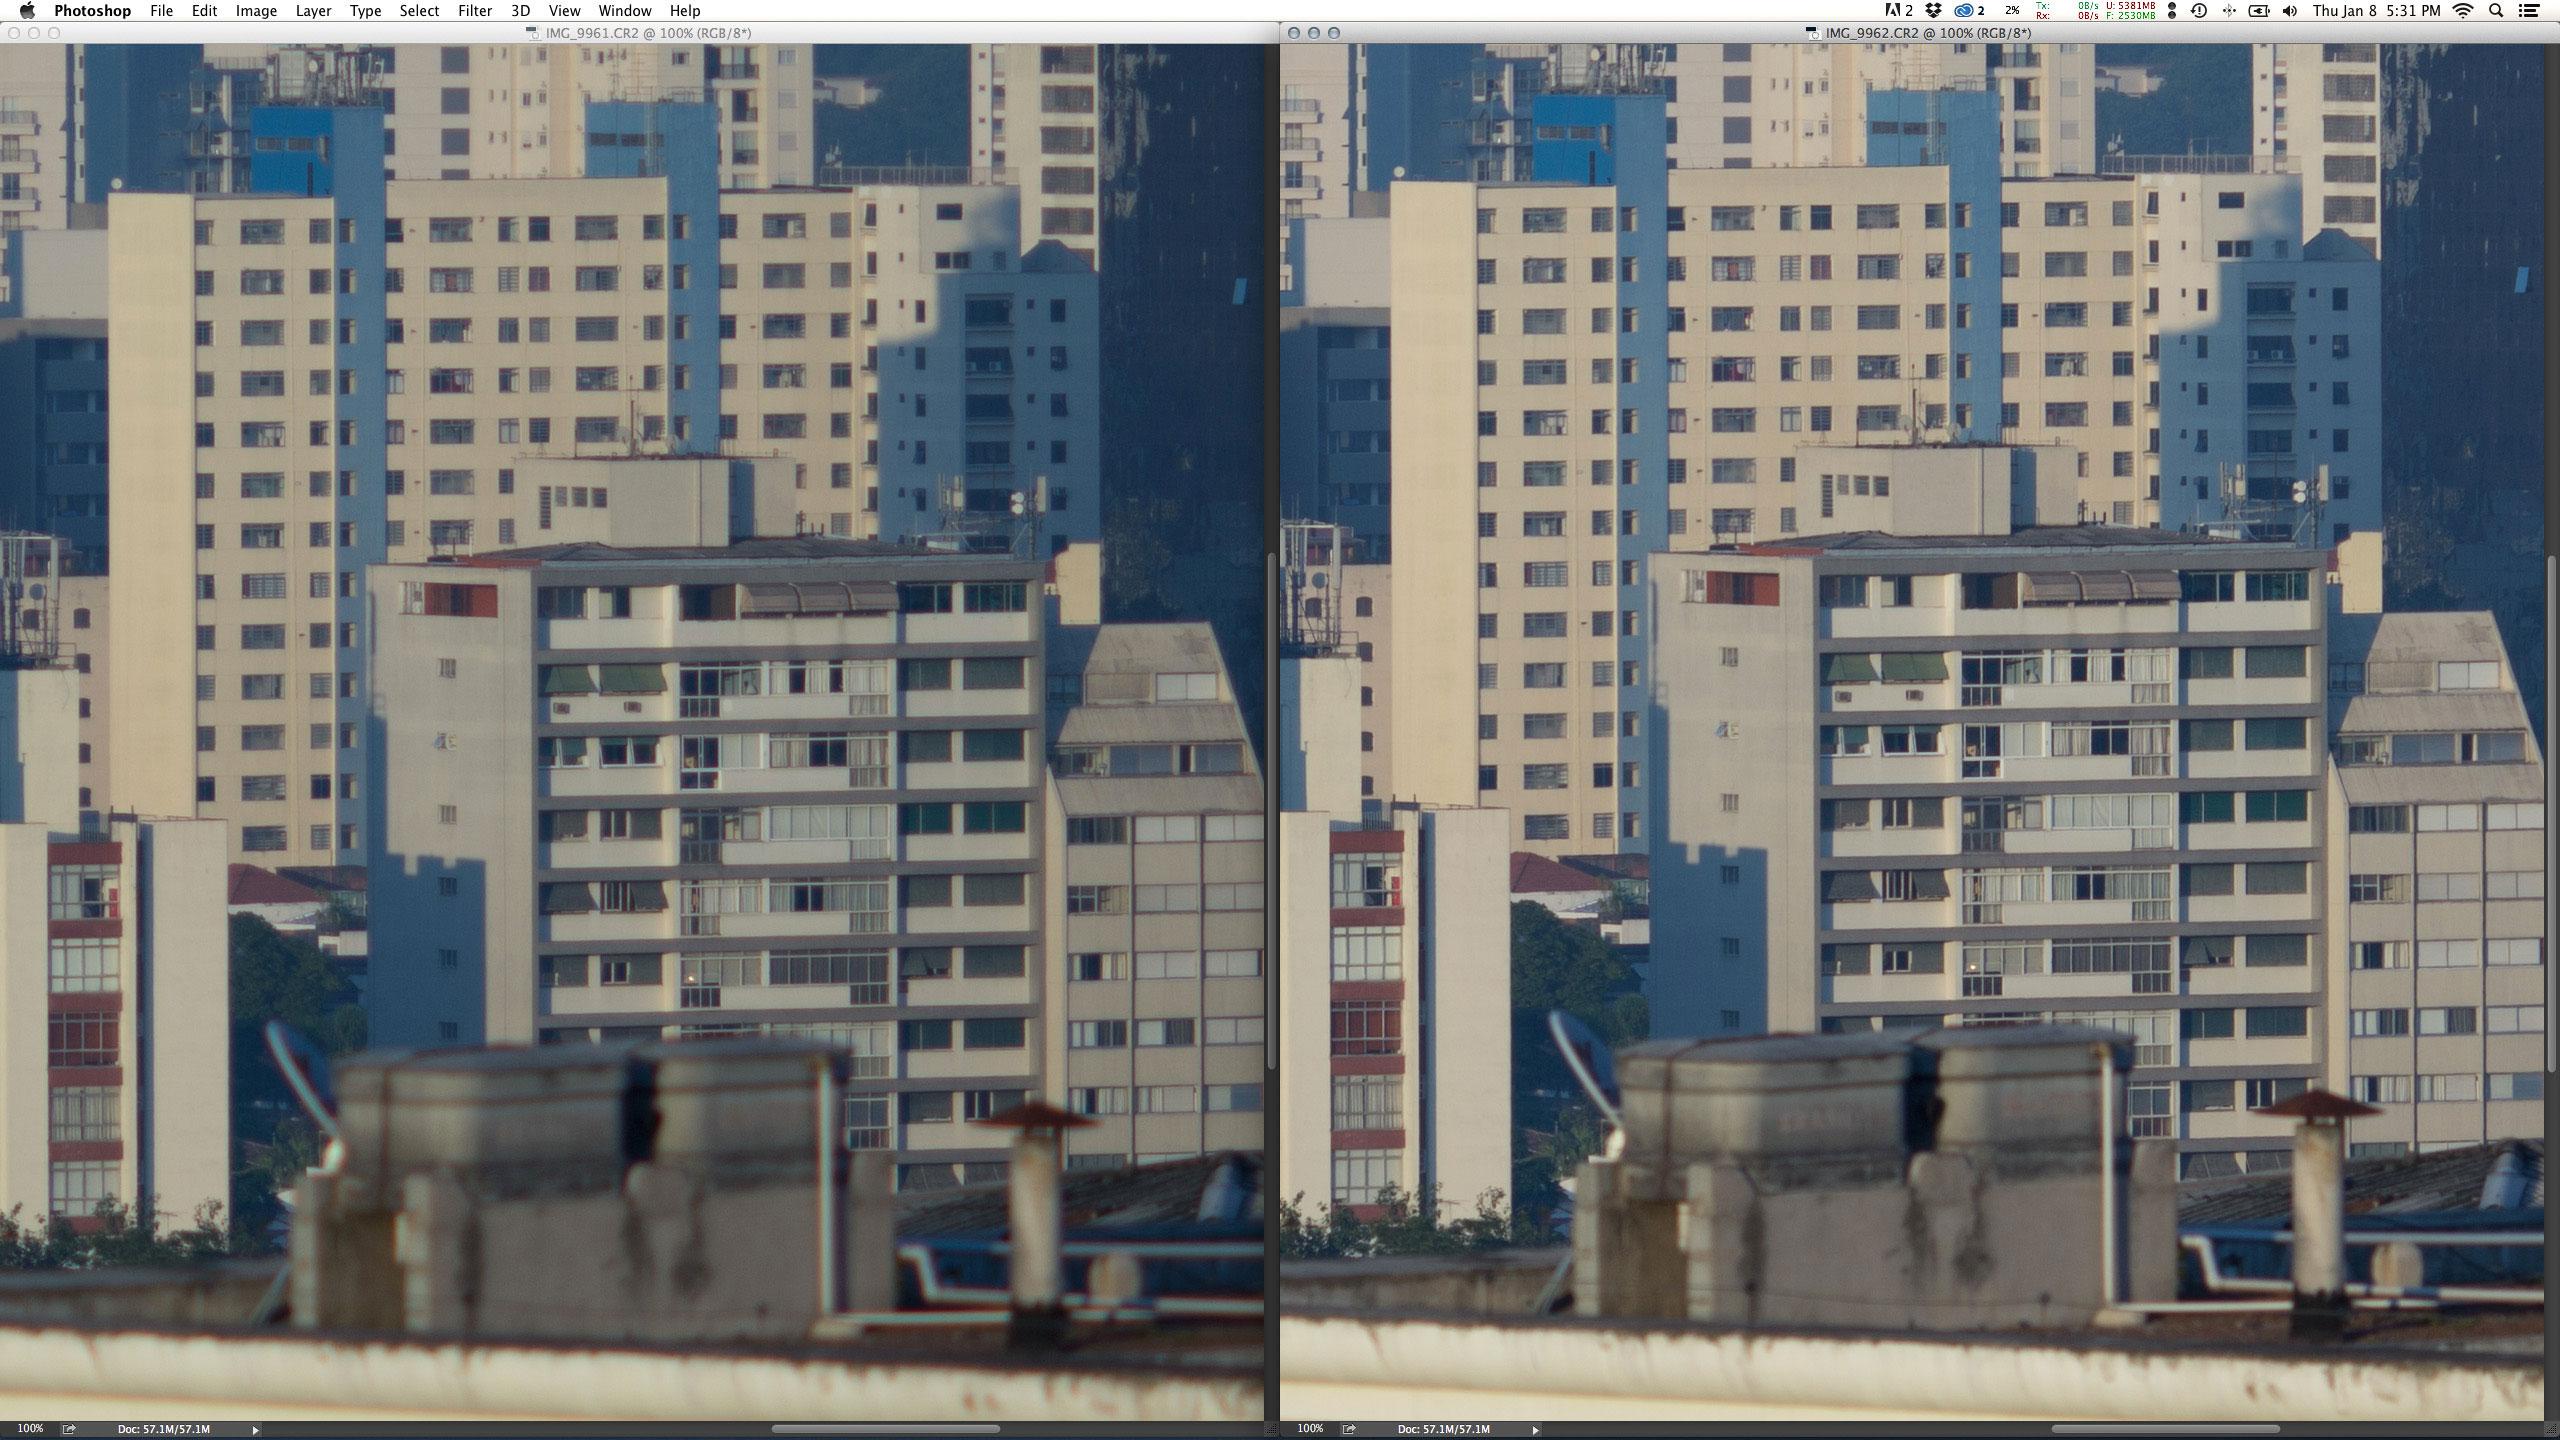 As duas fotos com a EF 135mm f/2L USM + Extender 2X III. Esquerda: f/4 1/750 ISO100 @ 270mm. Direita: f/8 1/180 ISO100 @ 270mm. A resolução desta prime é tão, tão alta, que depois da conversão e em abertura otimizada f/8 o arquivo é absolutamente perfeito. Prova que o teleconversor não degrada de fato a qualidade de imagem.